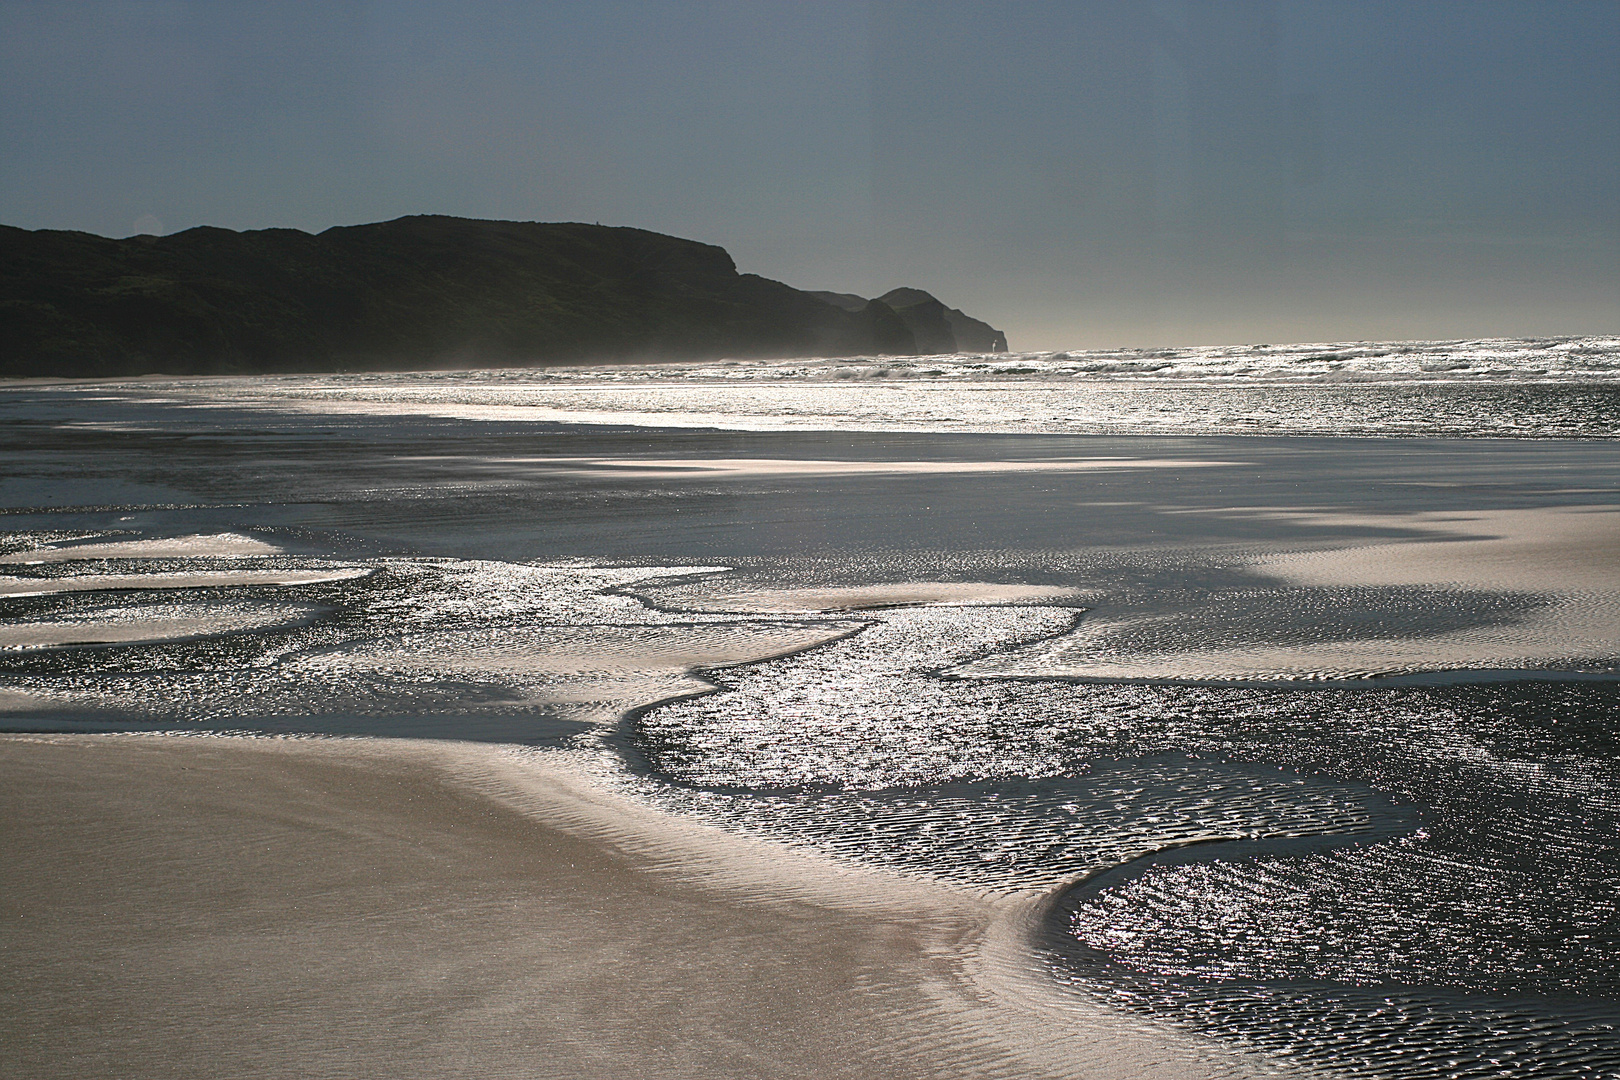 sanft lecken die Wellen den Strand